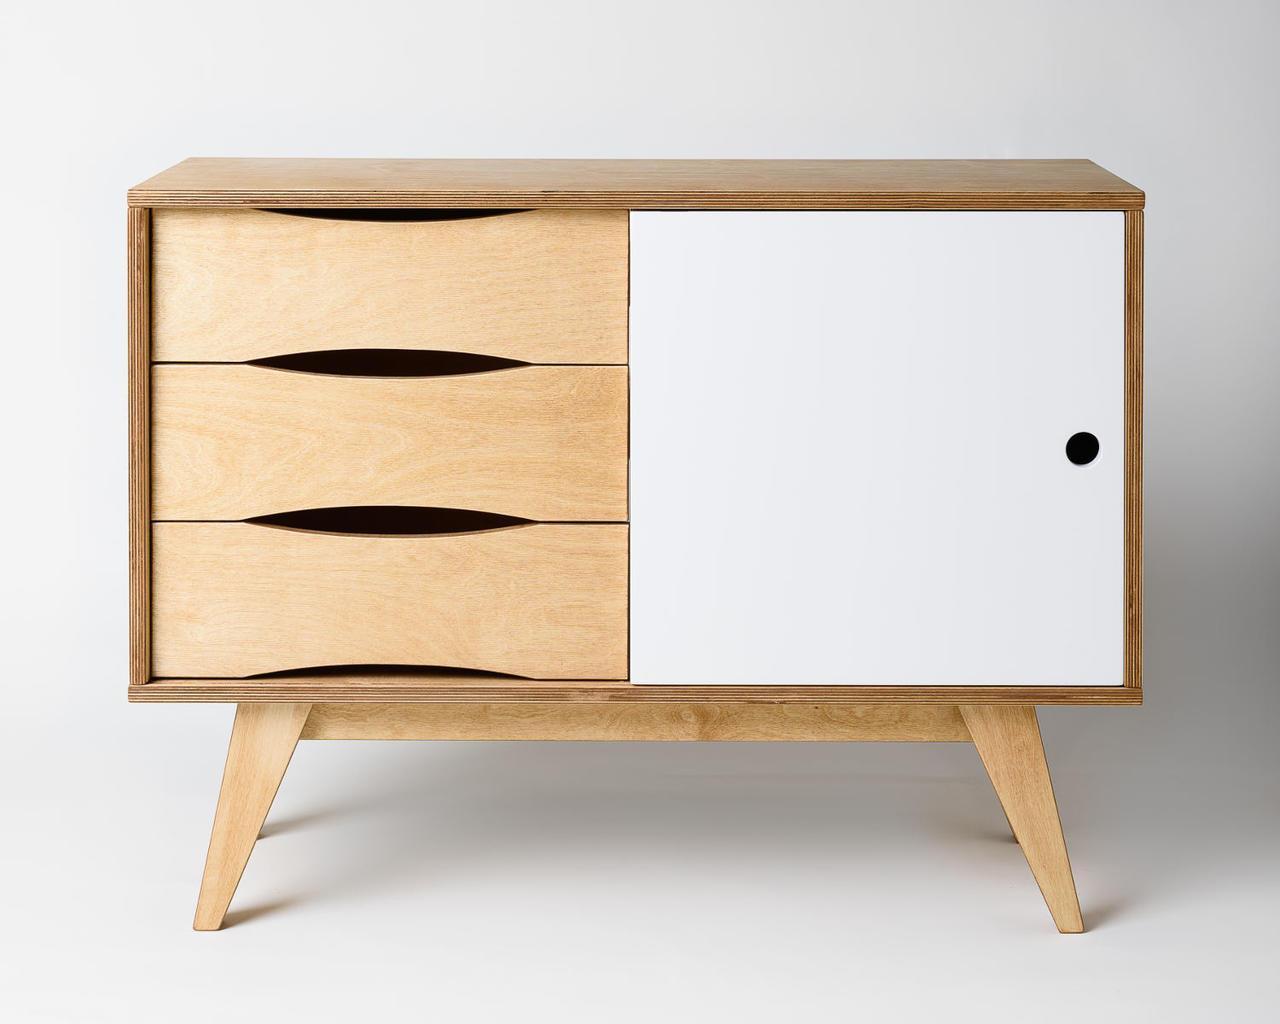 Kommode mit schiebetüren  Sideboard aus Holz mit Schiebetüren jetzt online kaufen!